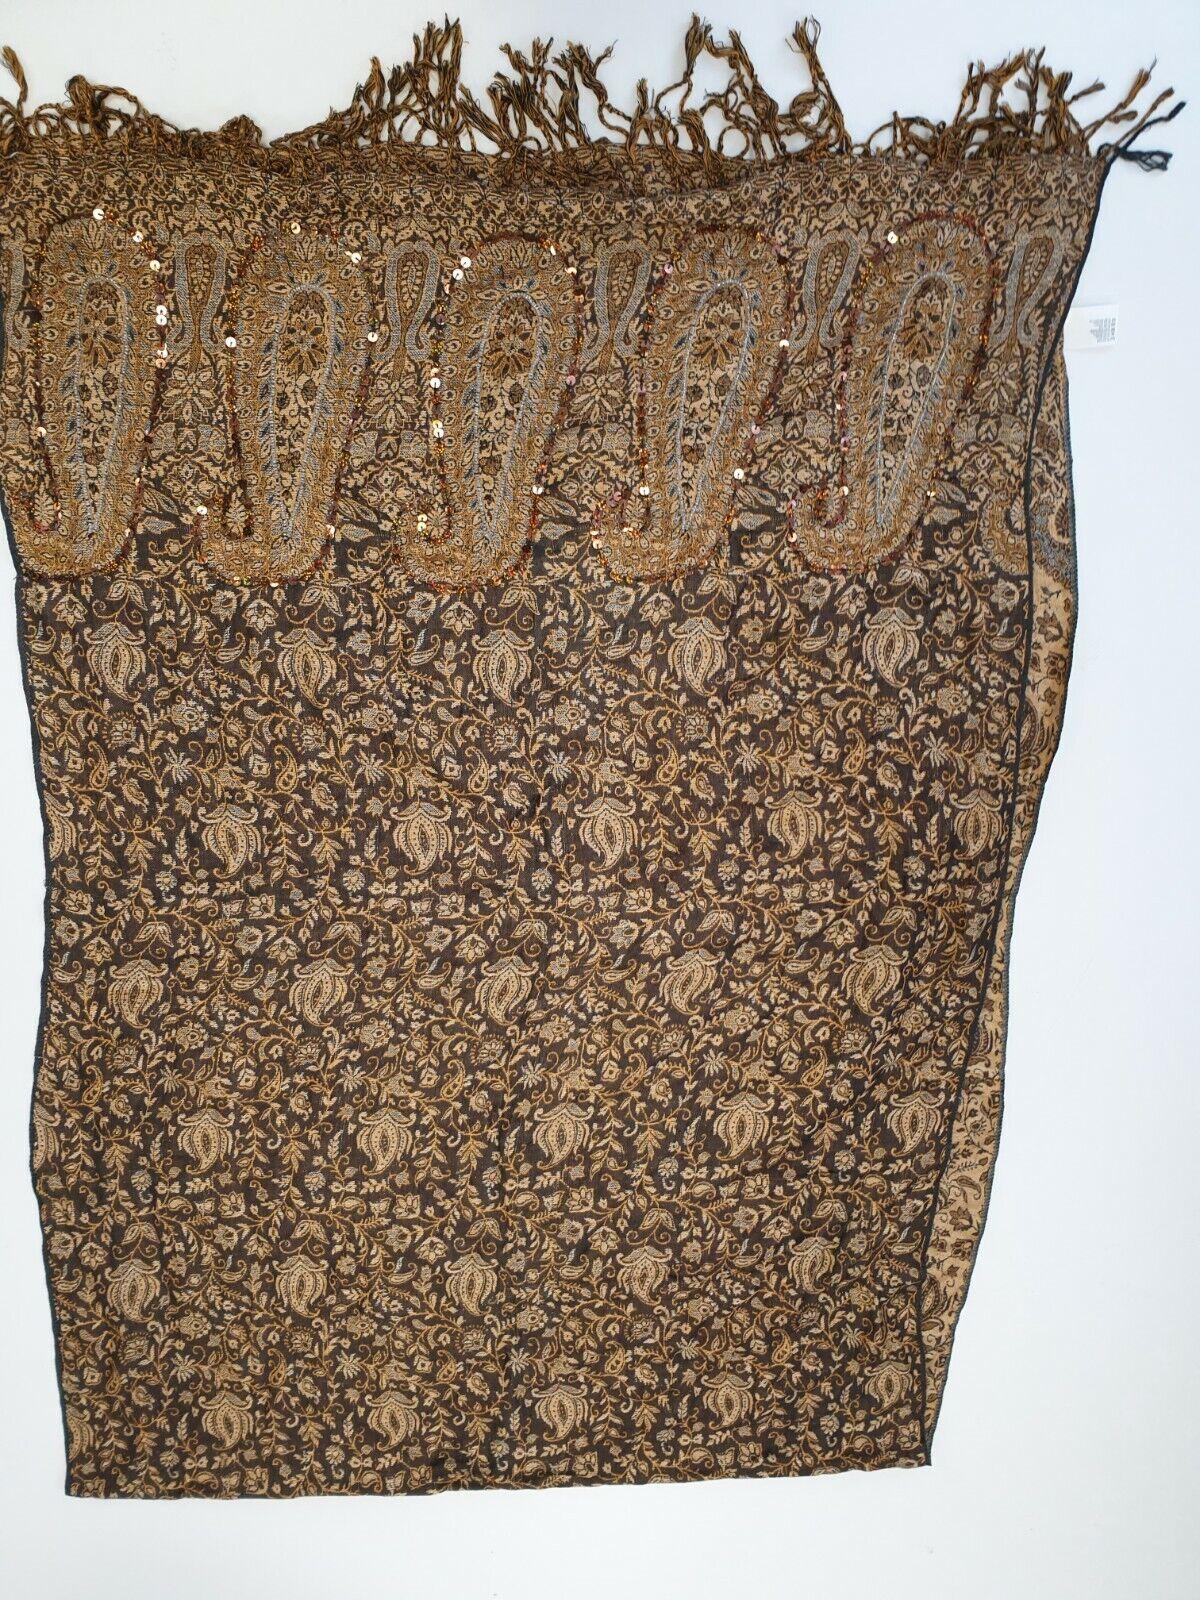 R489 mujer marrón amarillento Laura Ashley patrón Grande Bufanda de cuello/cabeza 78